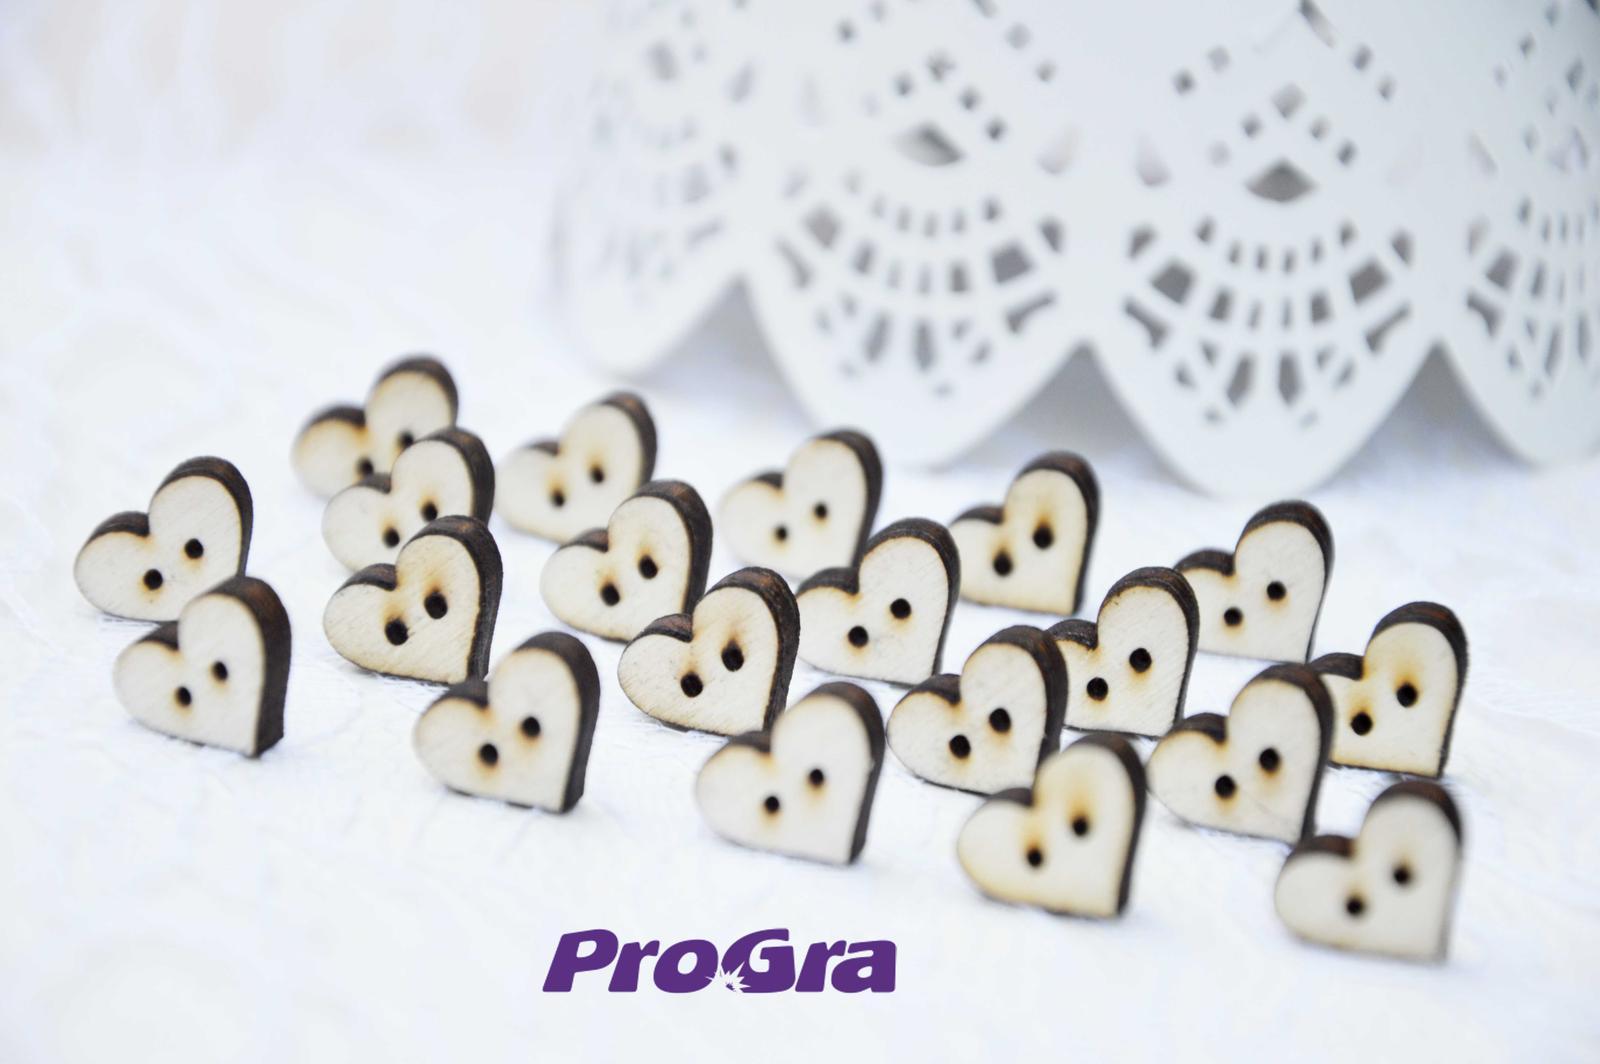 Detaily pre Váš svadobný deň - drevené gombičky v tvare srdiečka - na šitie svadobných pierok - sada 20 ks - veľkosť MIDI